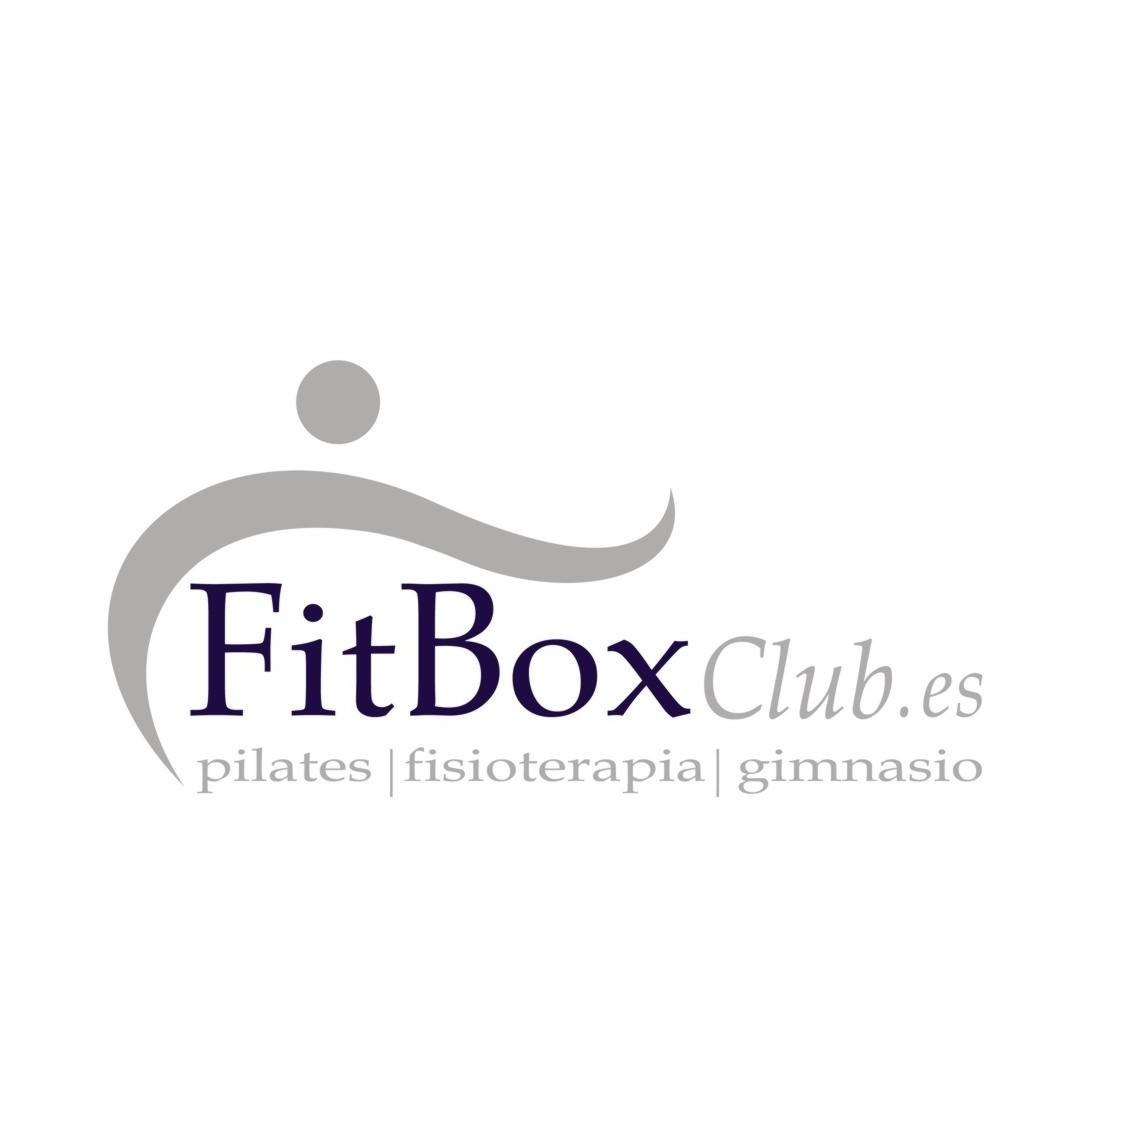 Fitbox Club